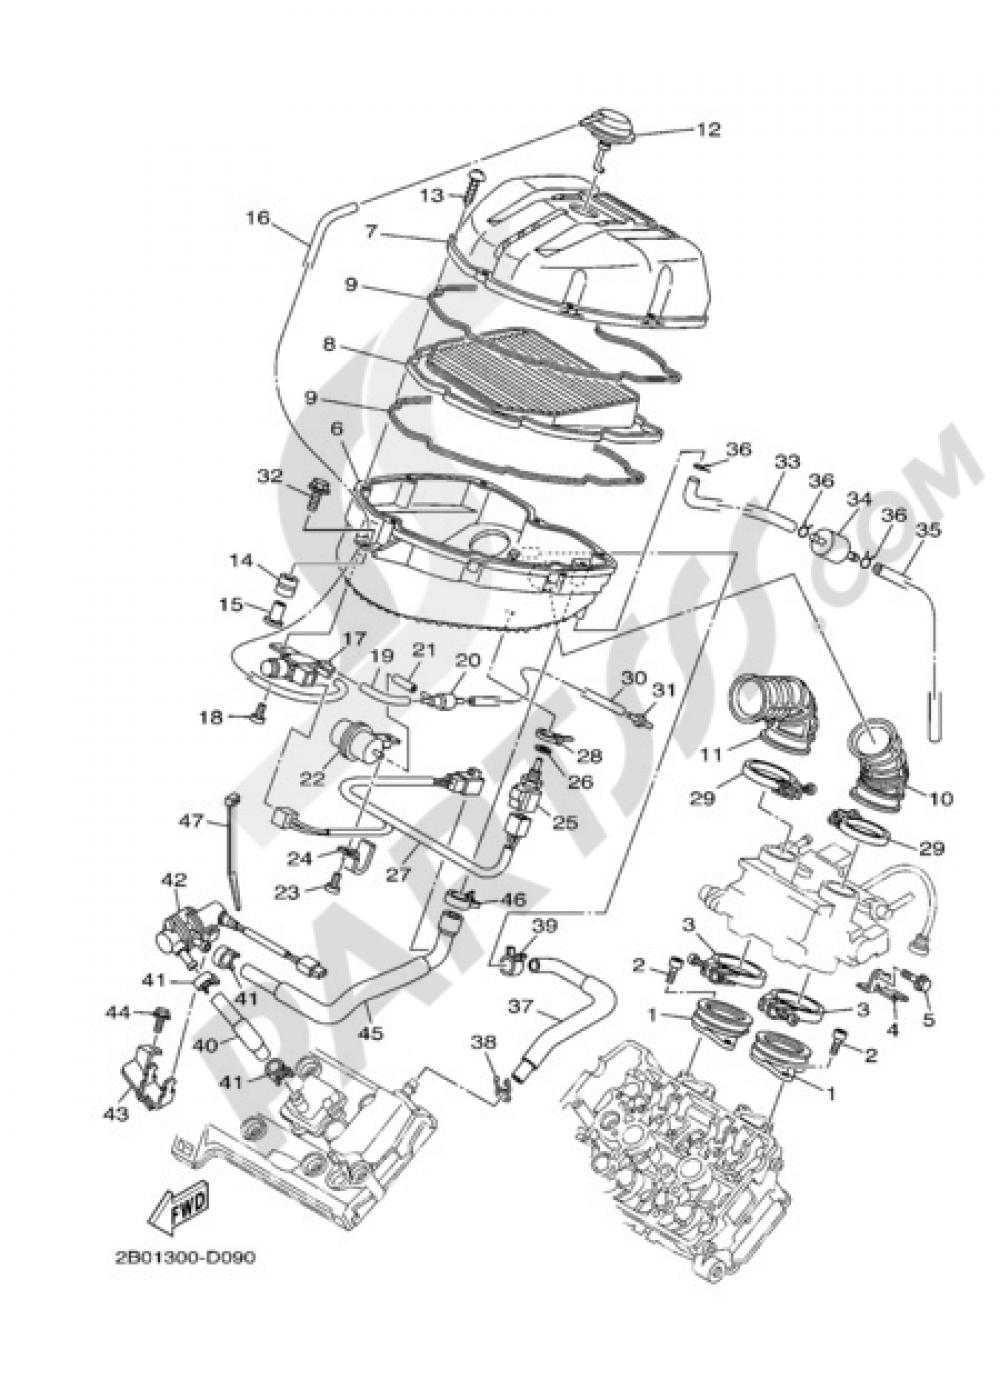 INTAKE Yamaha TDM 900 ABS 2007